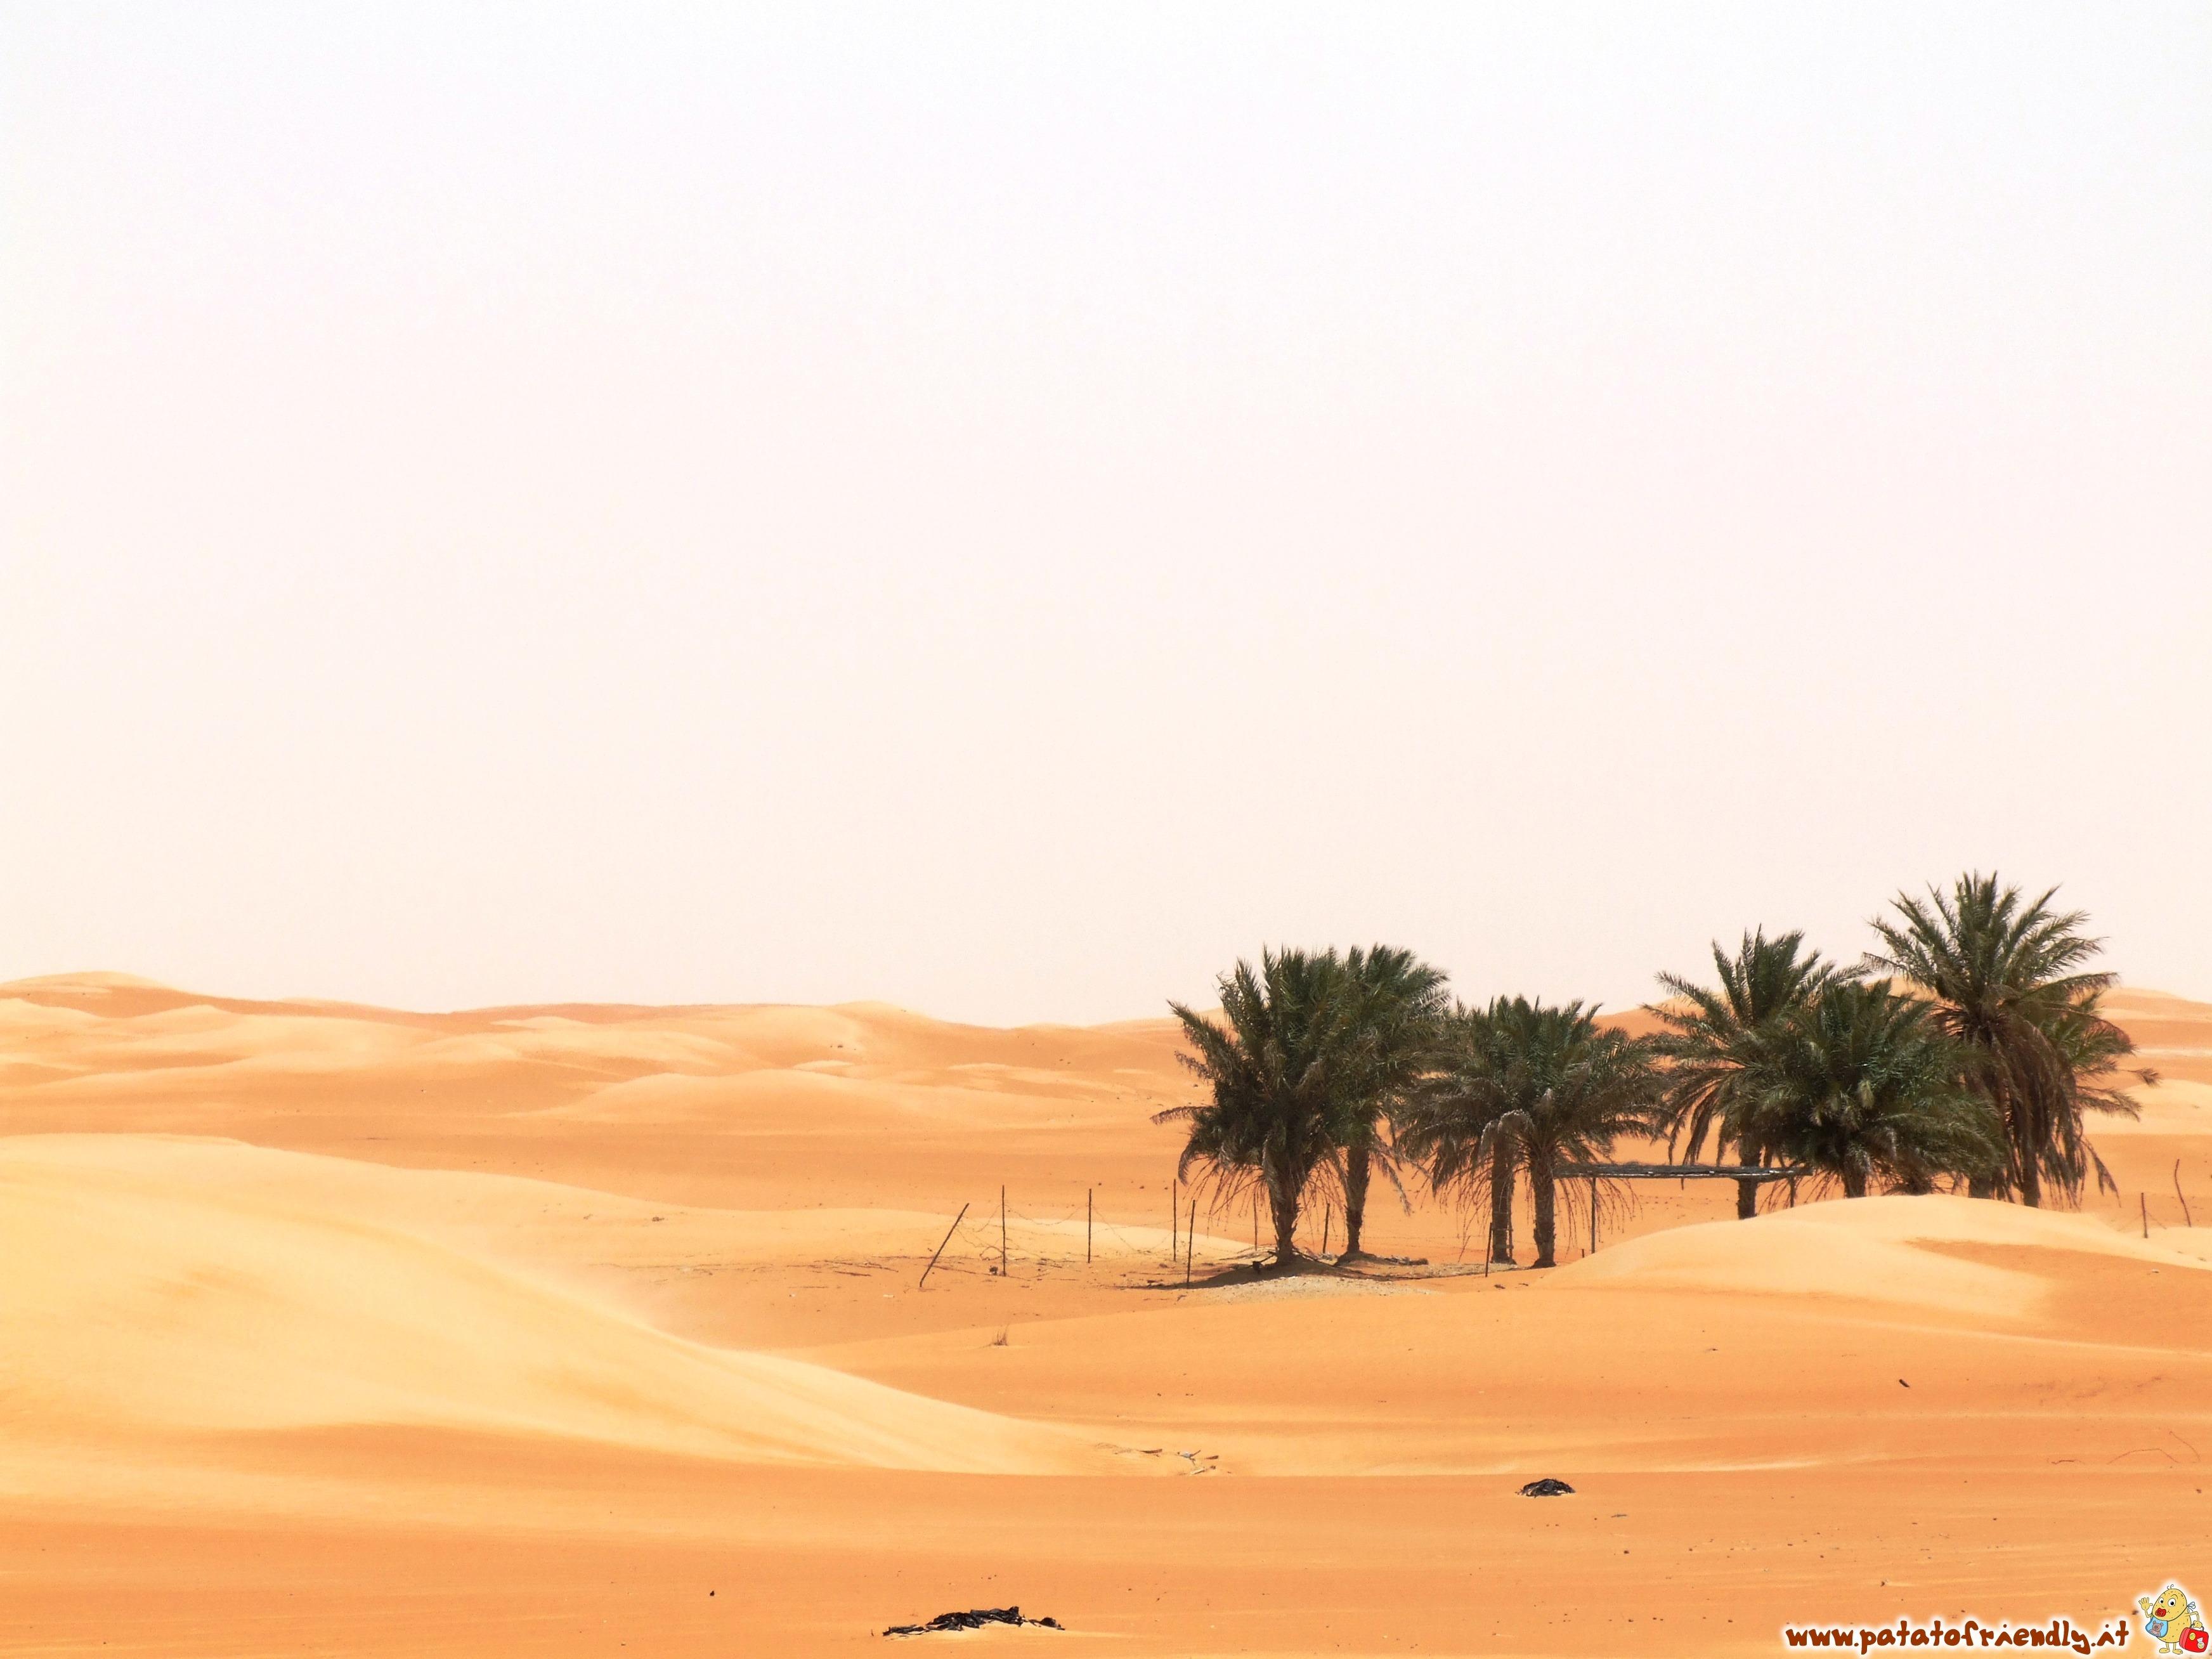 Oasi nel deserto degli Emirati Arabi